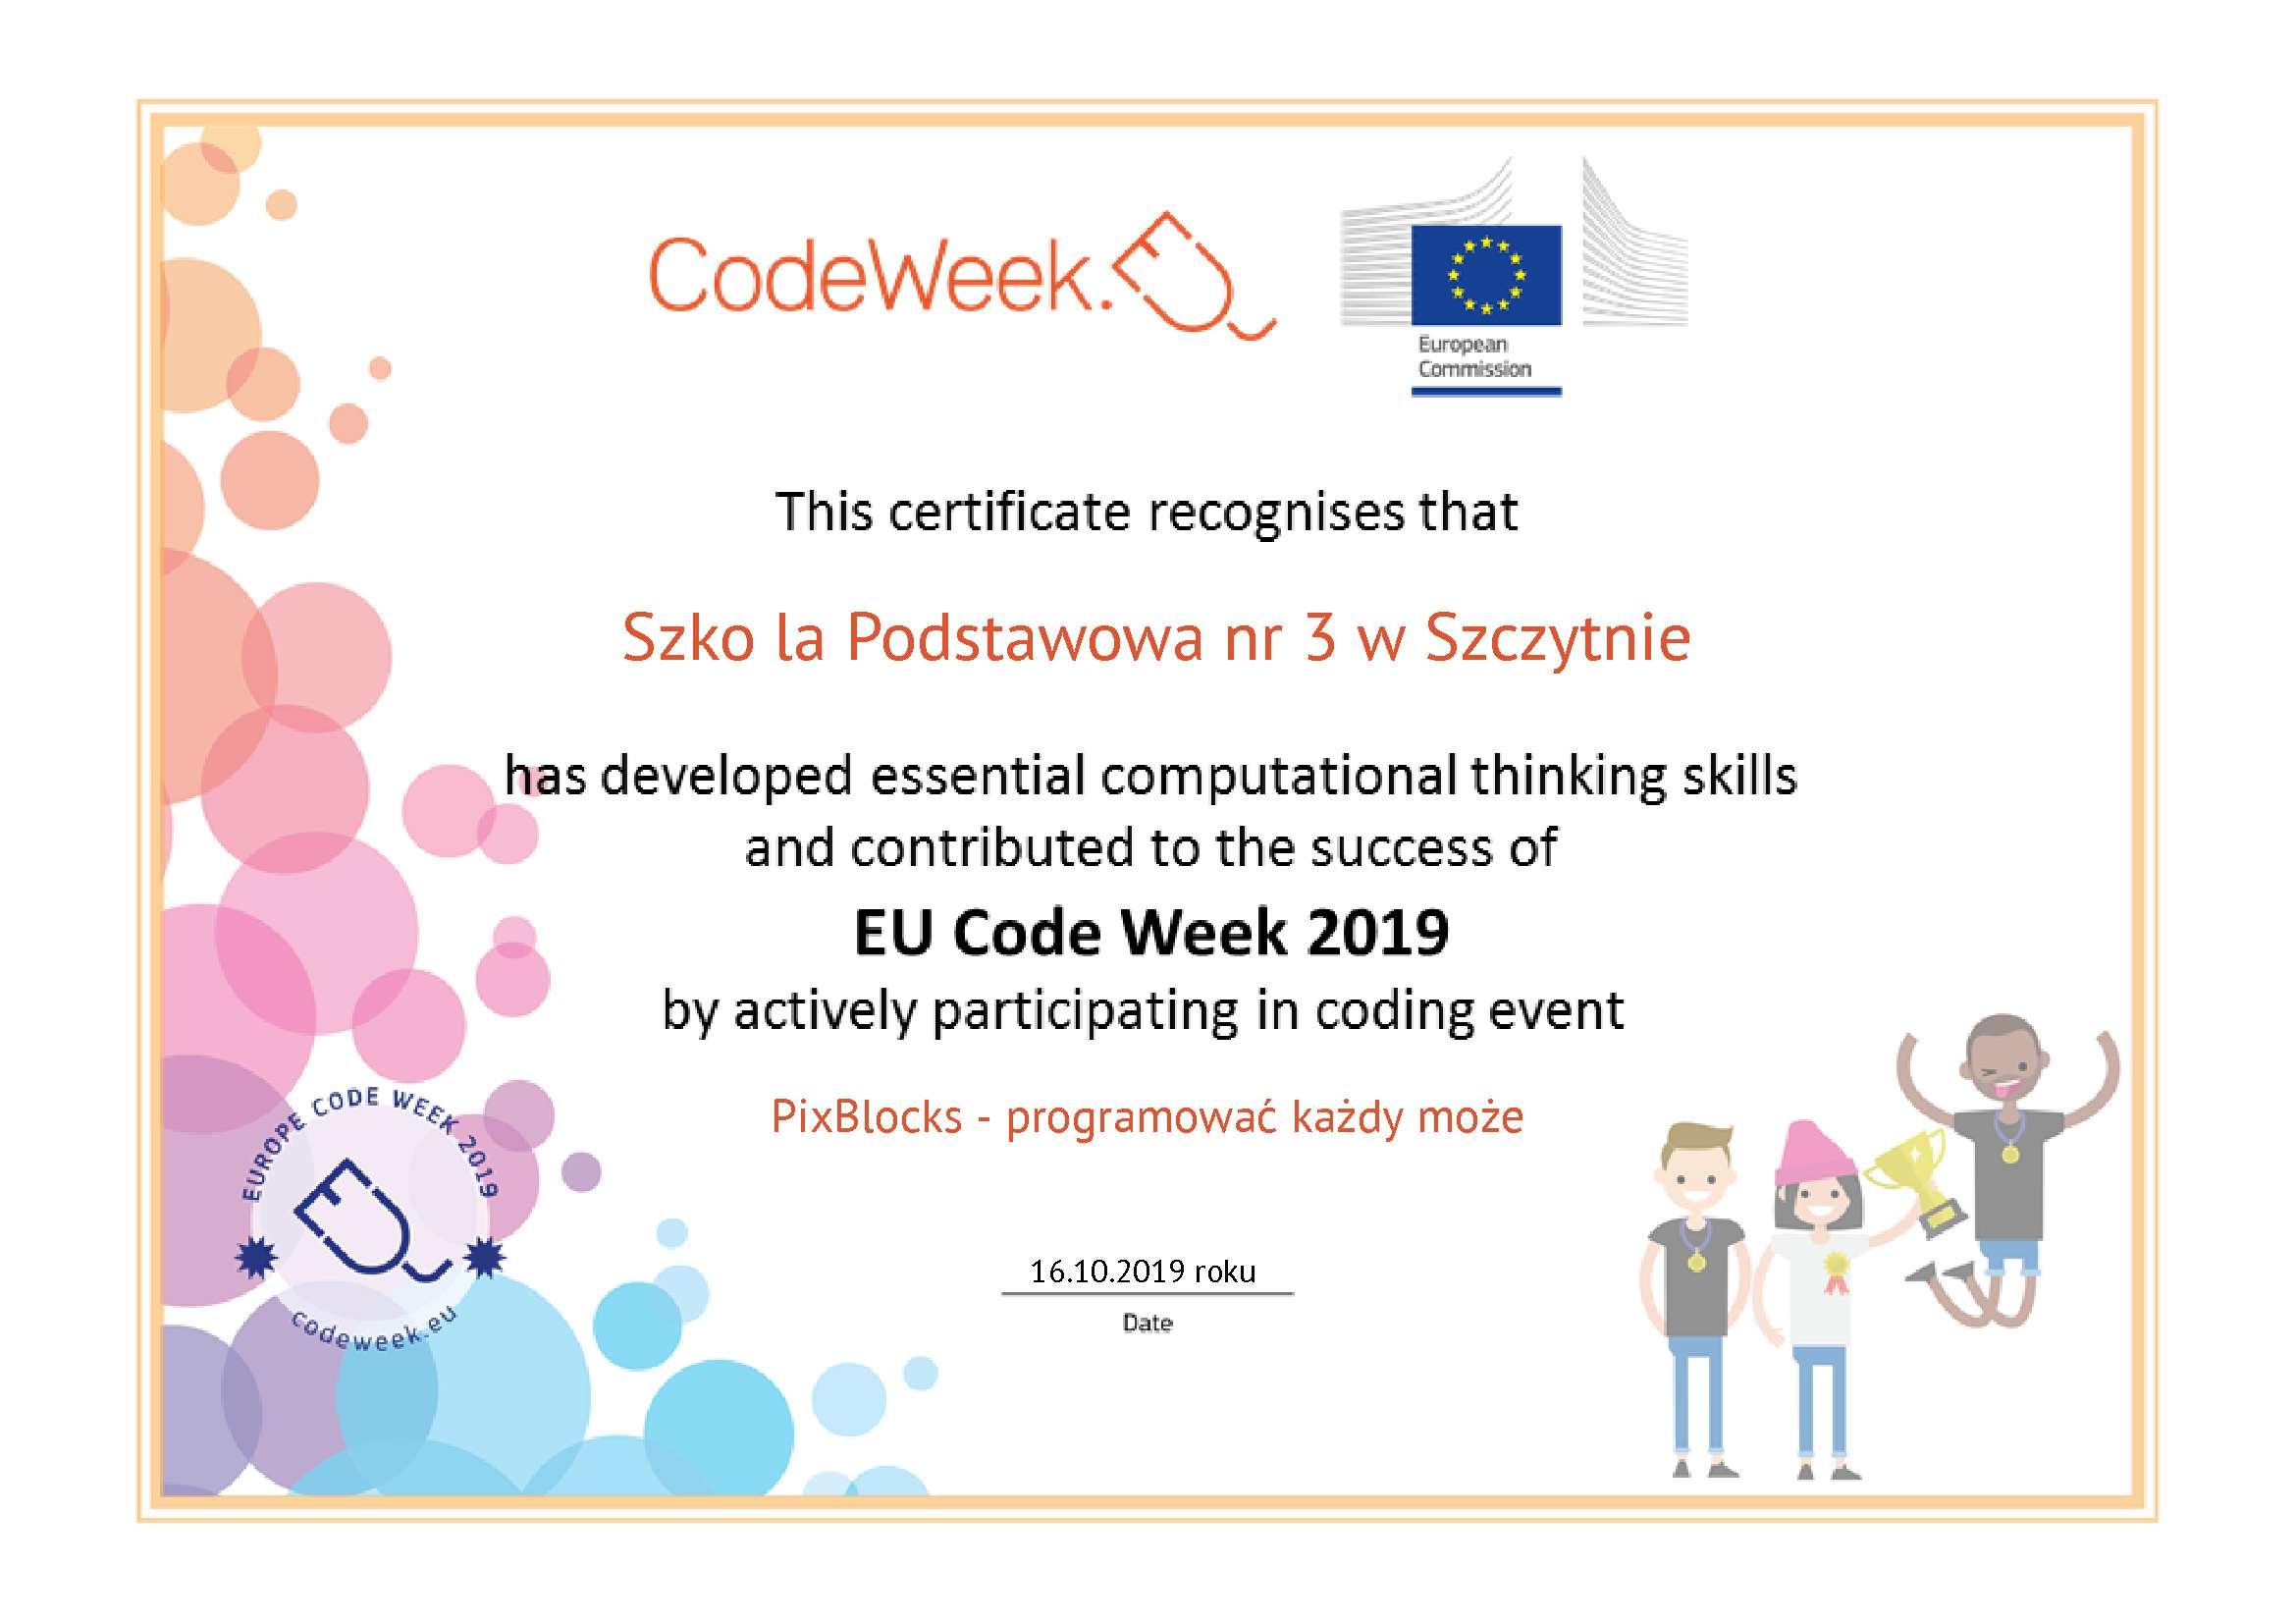 Certyfikat Codeweek